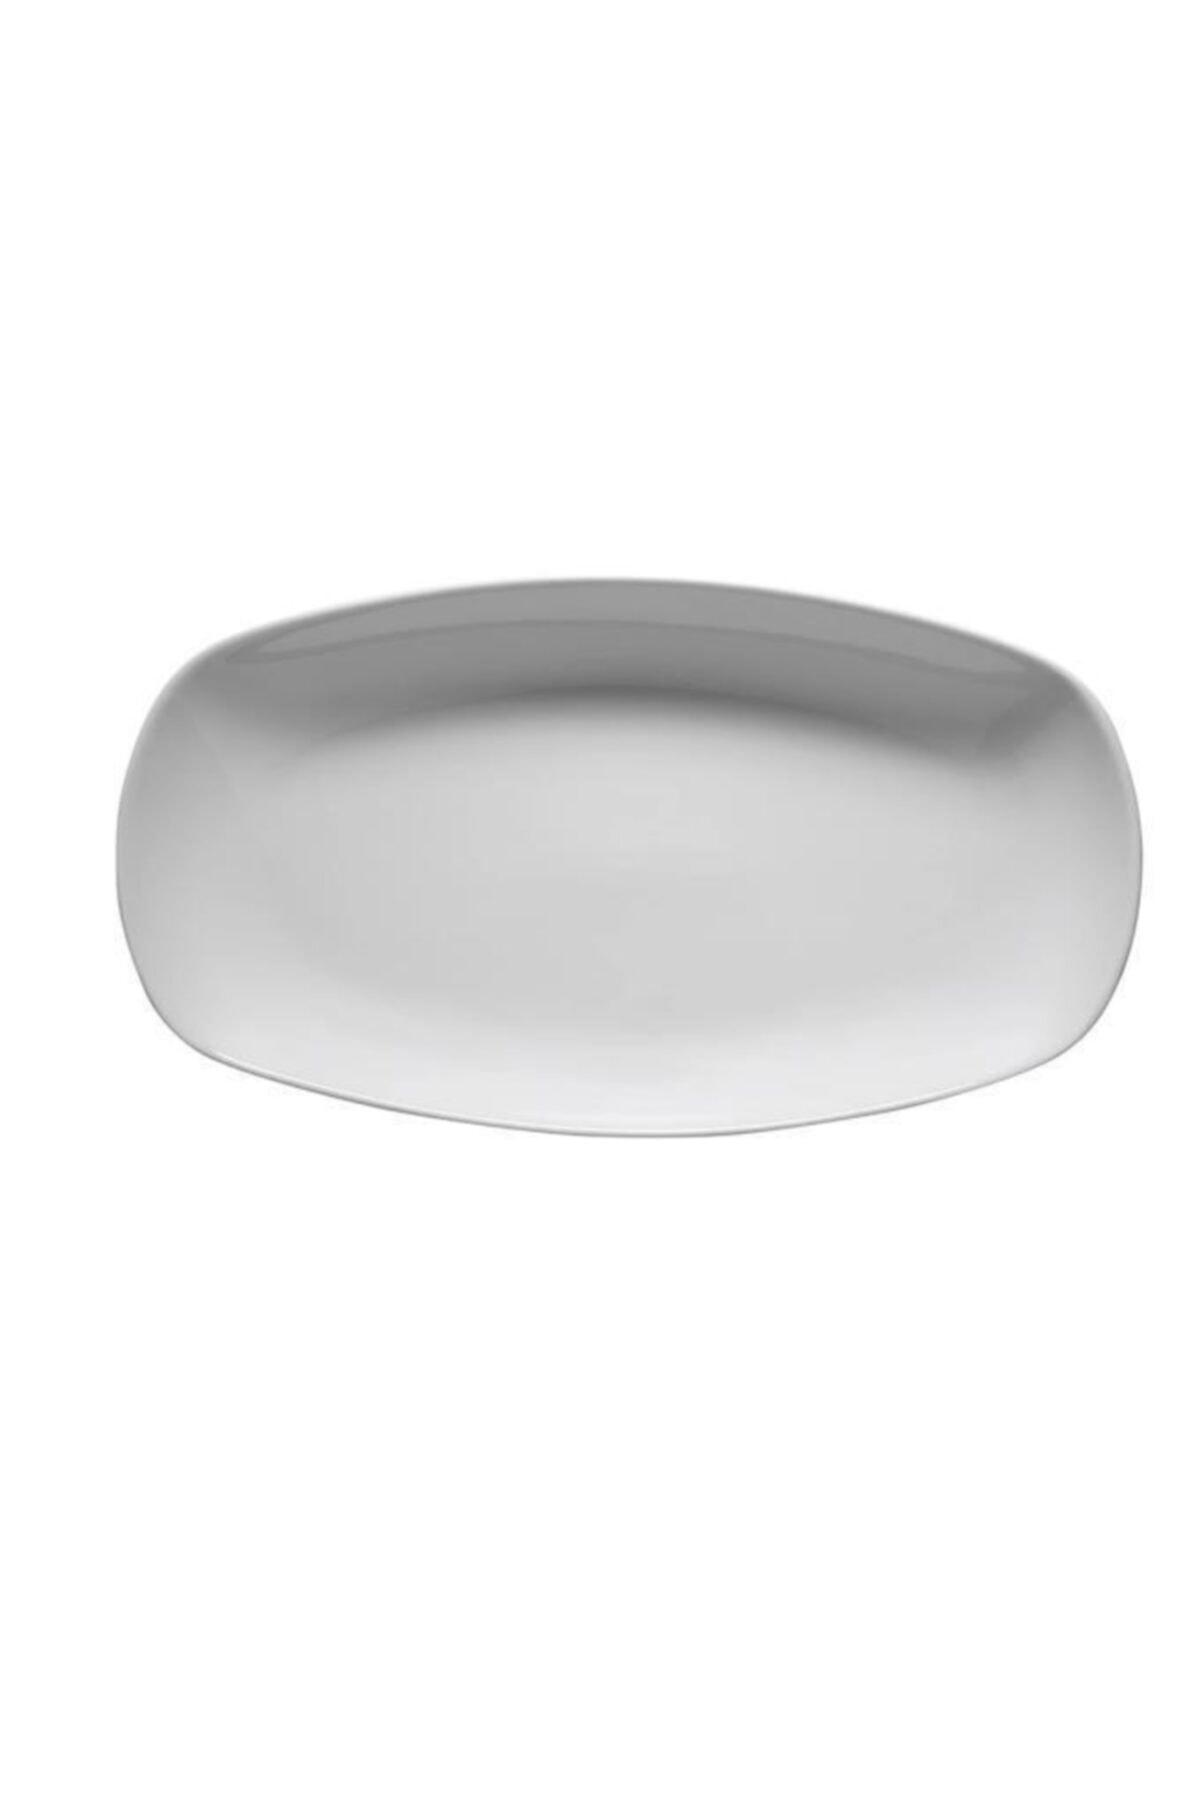 Kütahya Porselen Ent Eo Kayık Tabak 24 Cm 6'lı 1